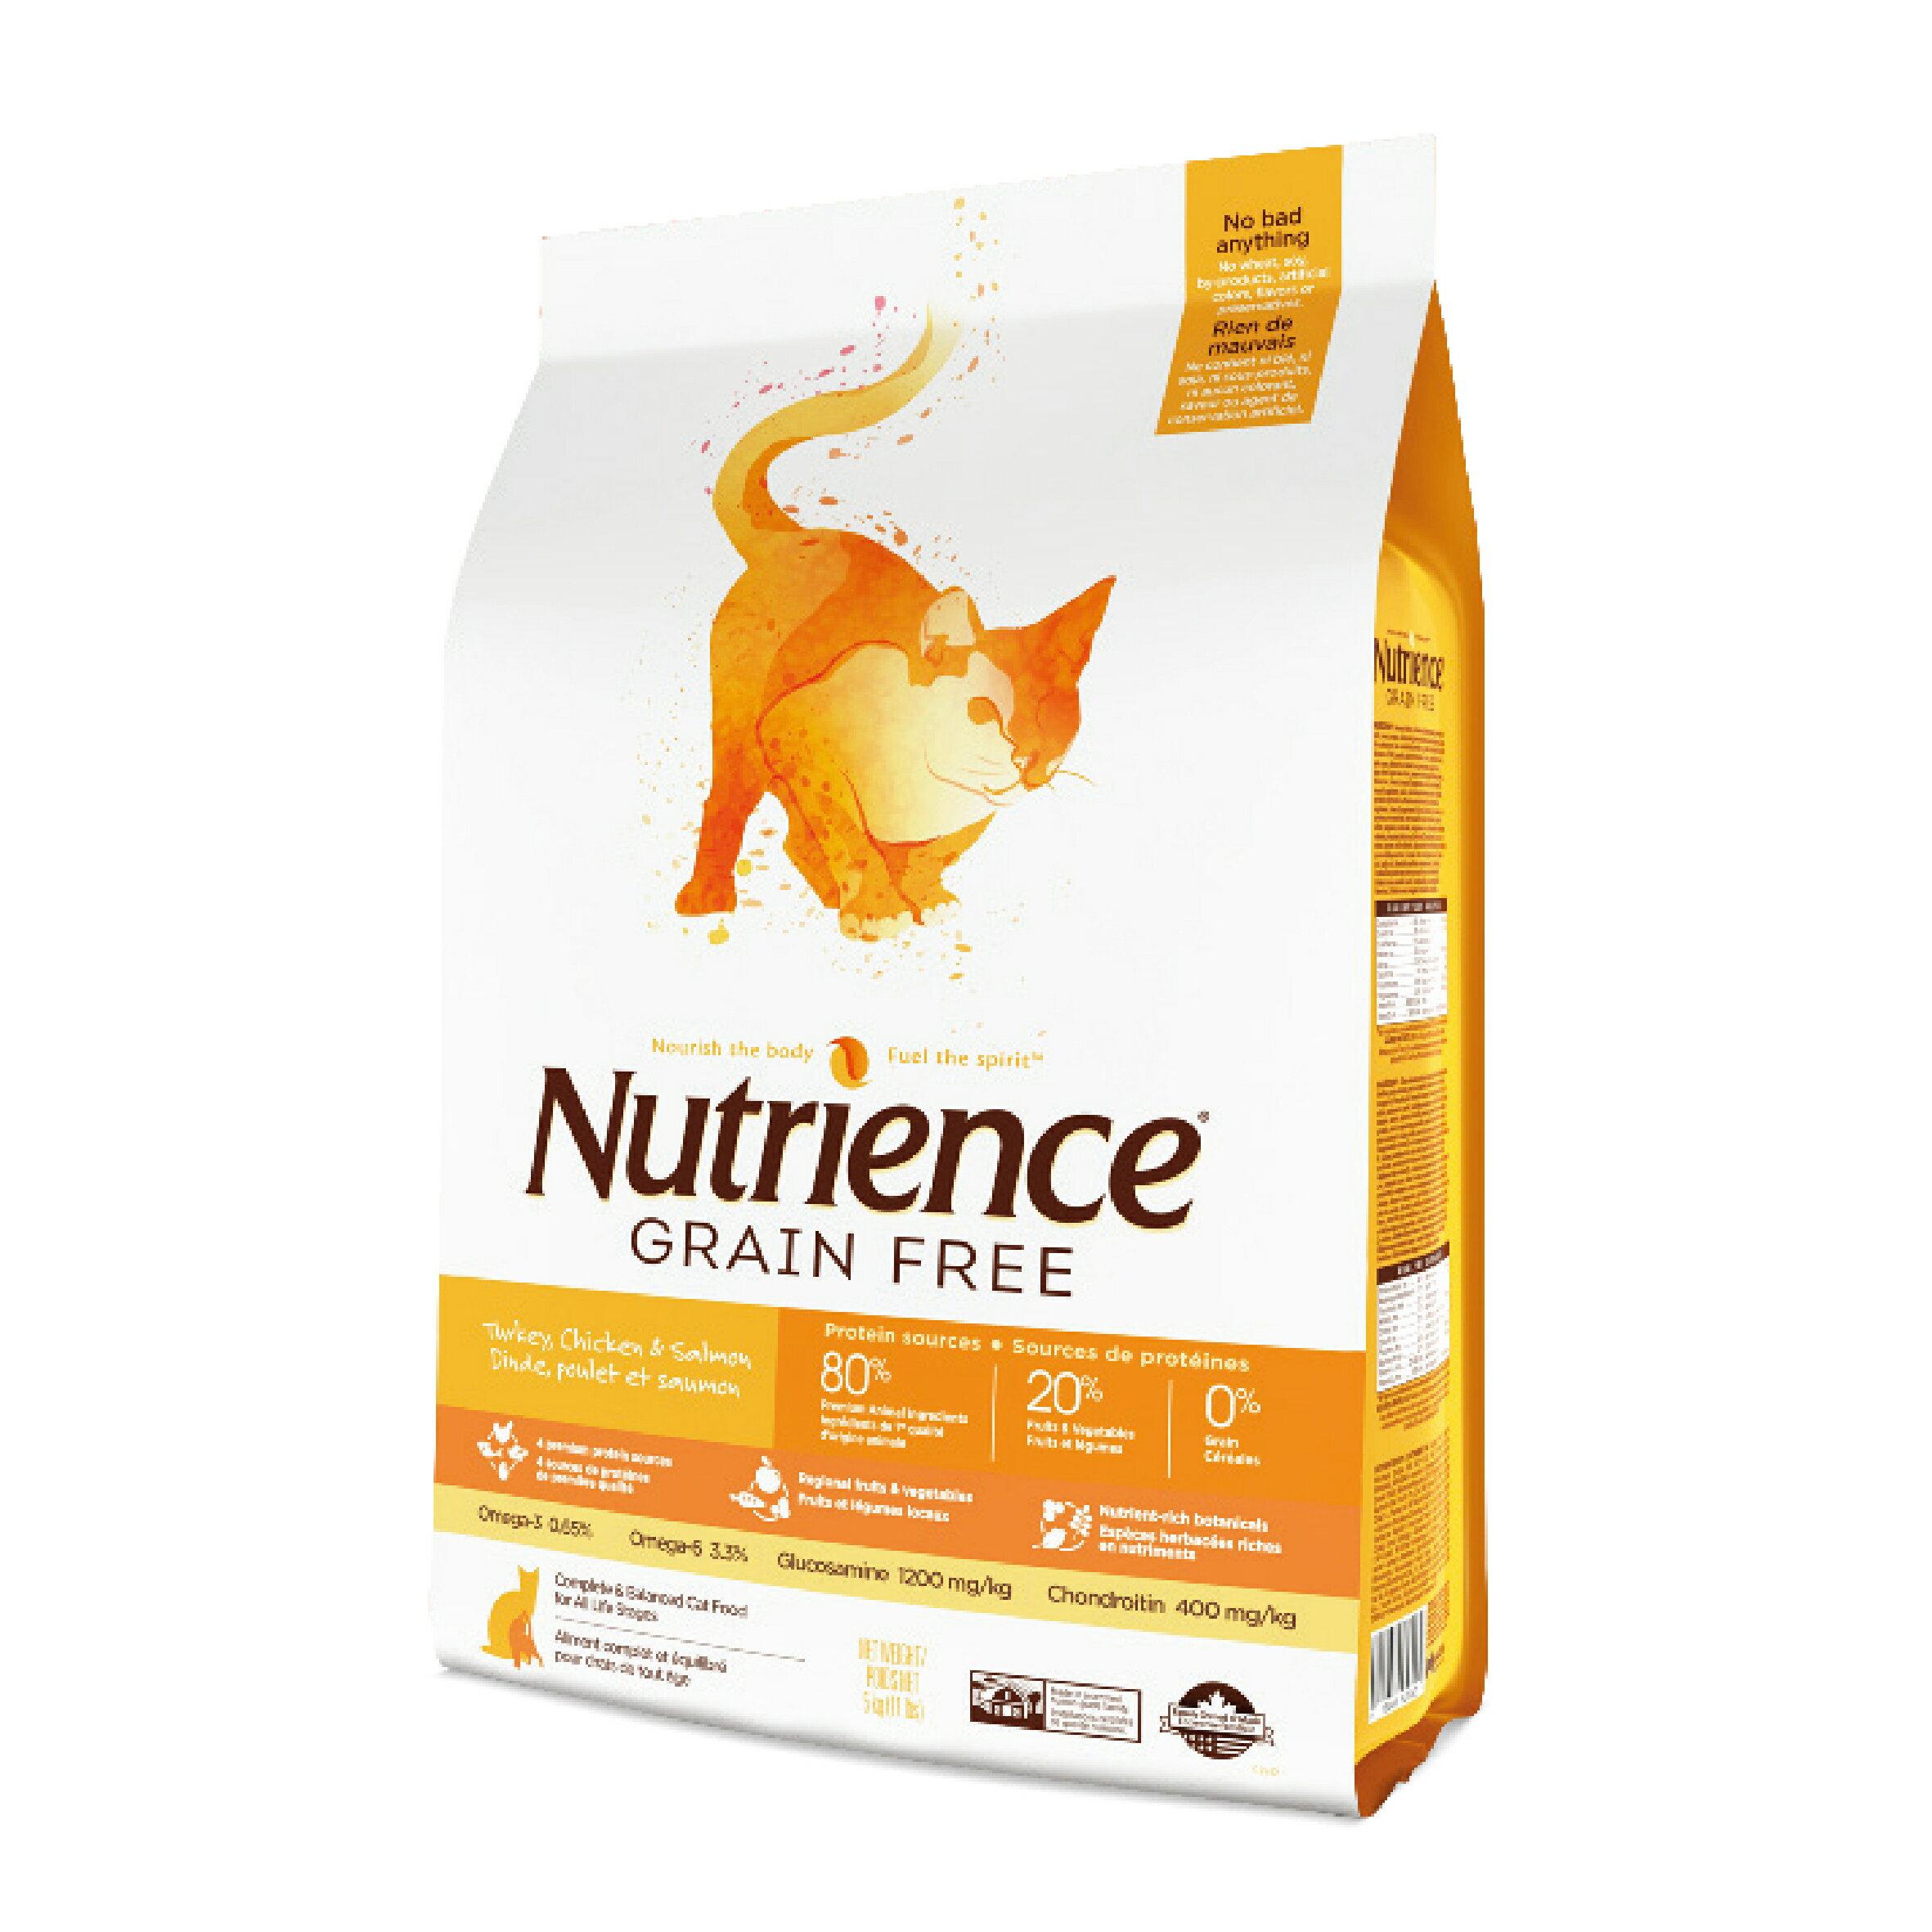 Nutrience 紐崔斯 無穀養生貓-雞肉+火雞+鯡魚1.13kg Grain Free無穀養生系列